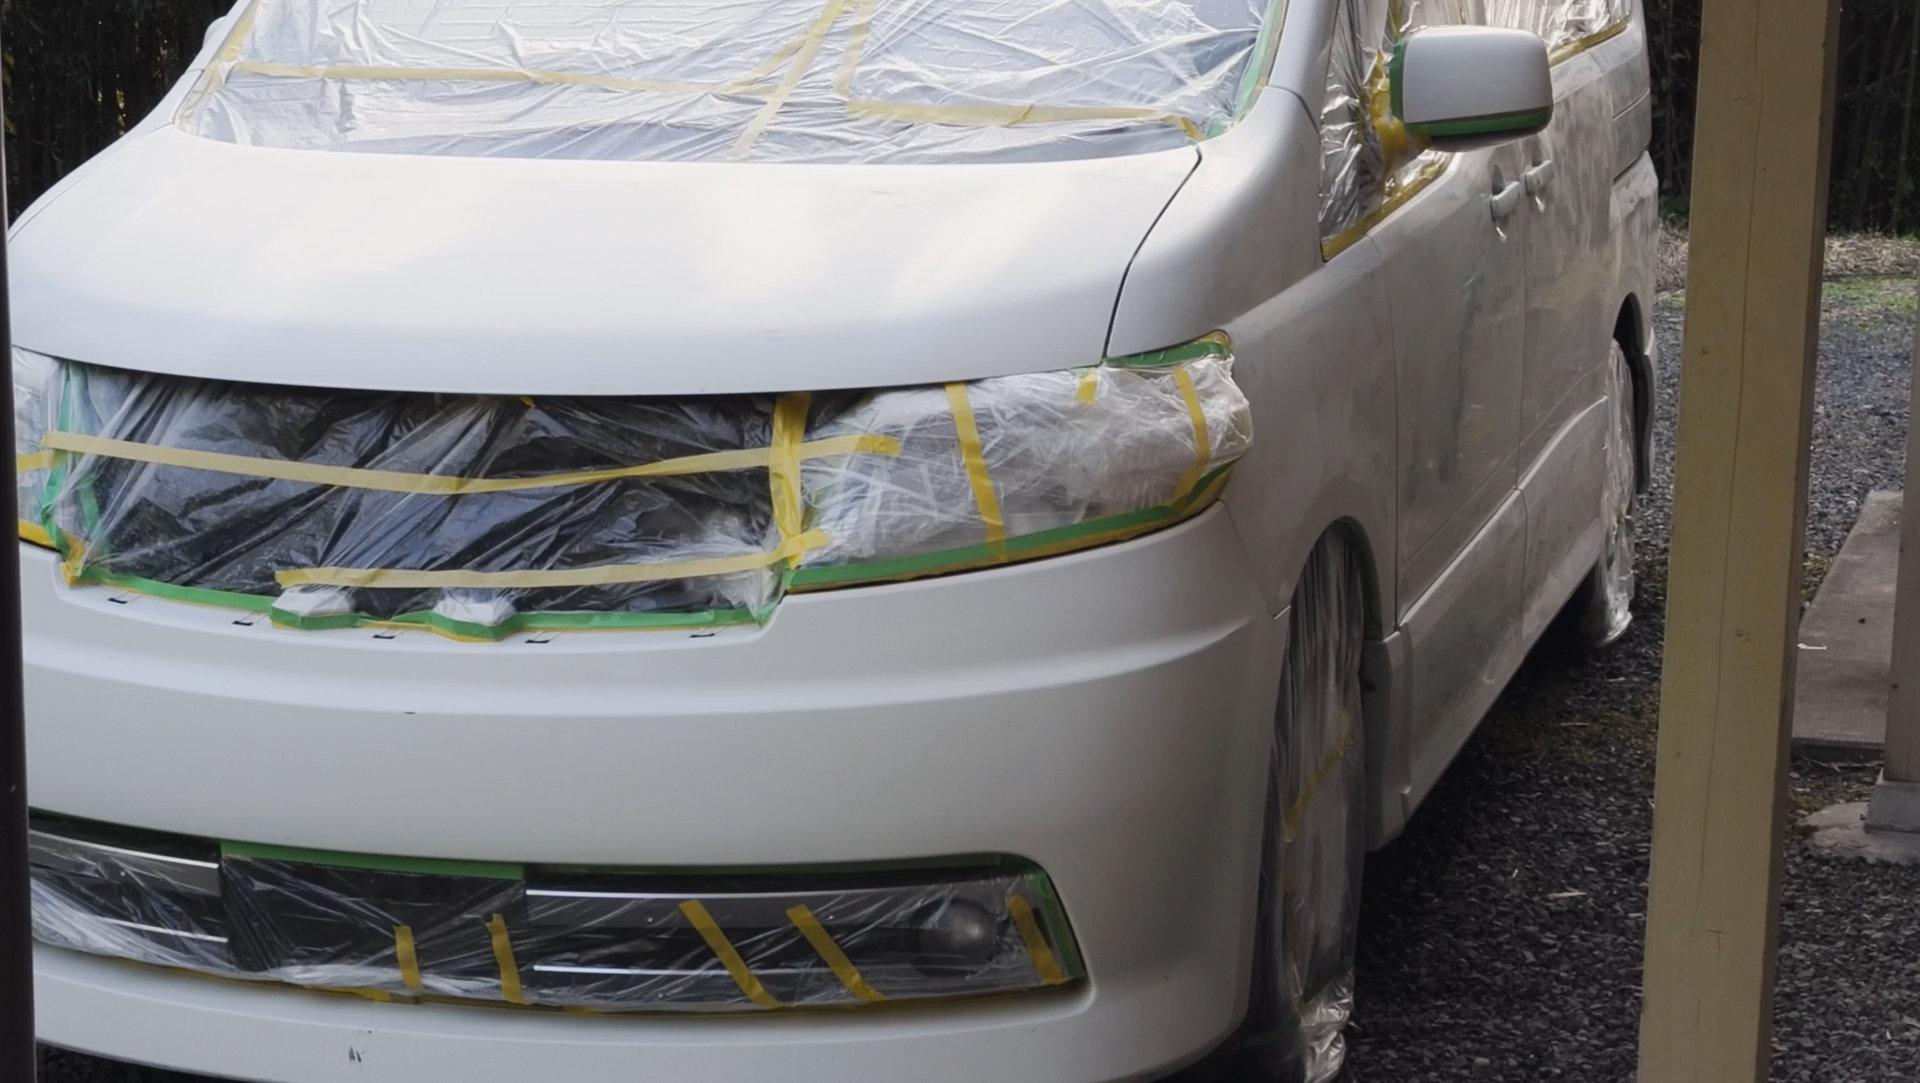 セレナをDIY全塗装 養生後のフロント側|車塗装